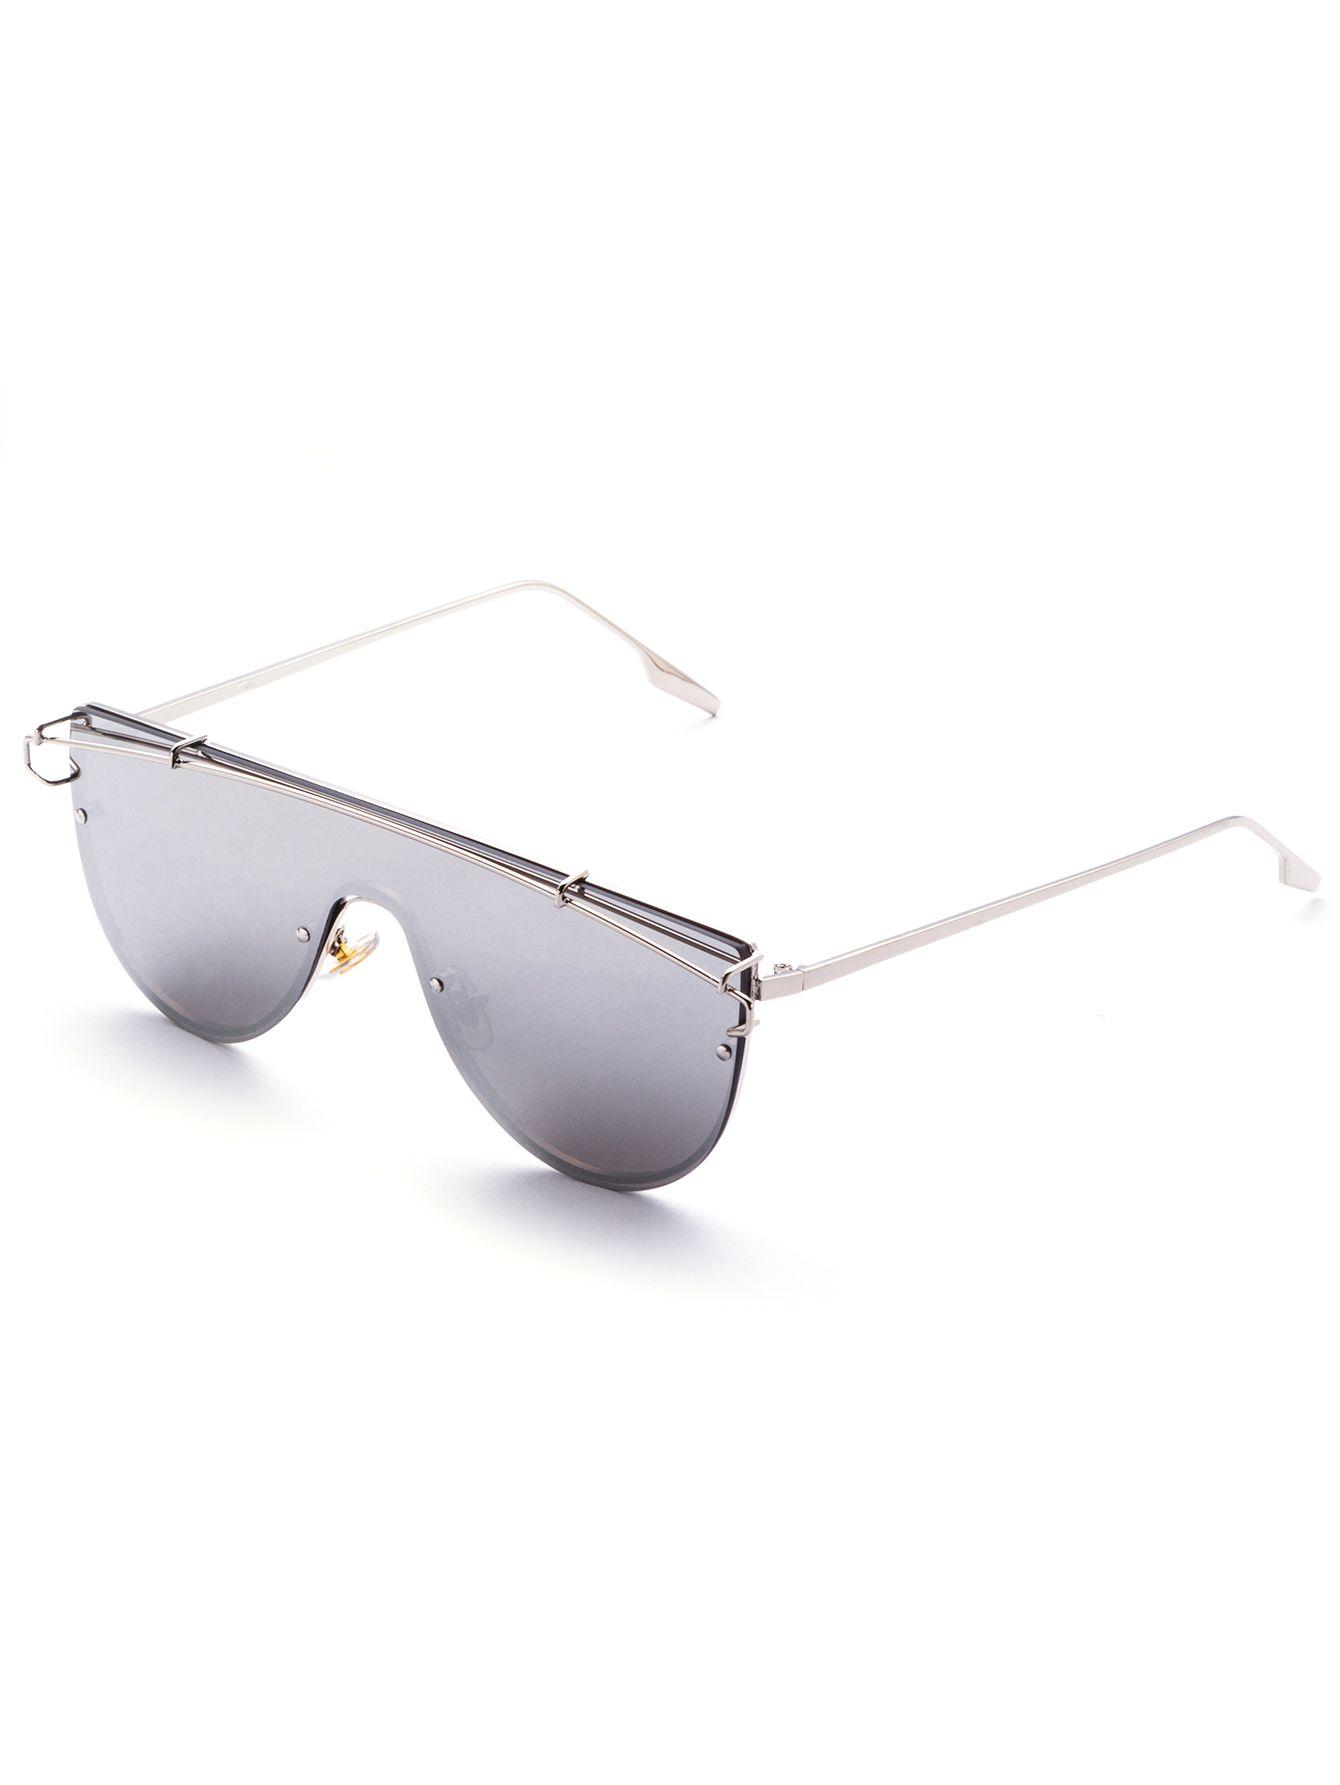 Silver Tone Smoke Lens Aviator Style Sunglasses — 0.00 € --------color: Silver size: None